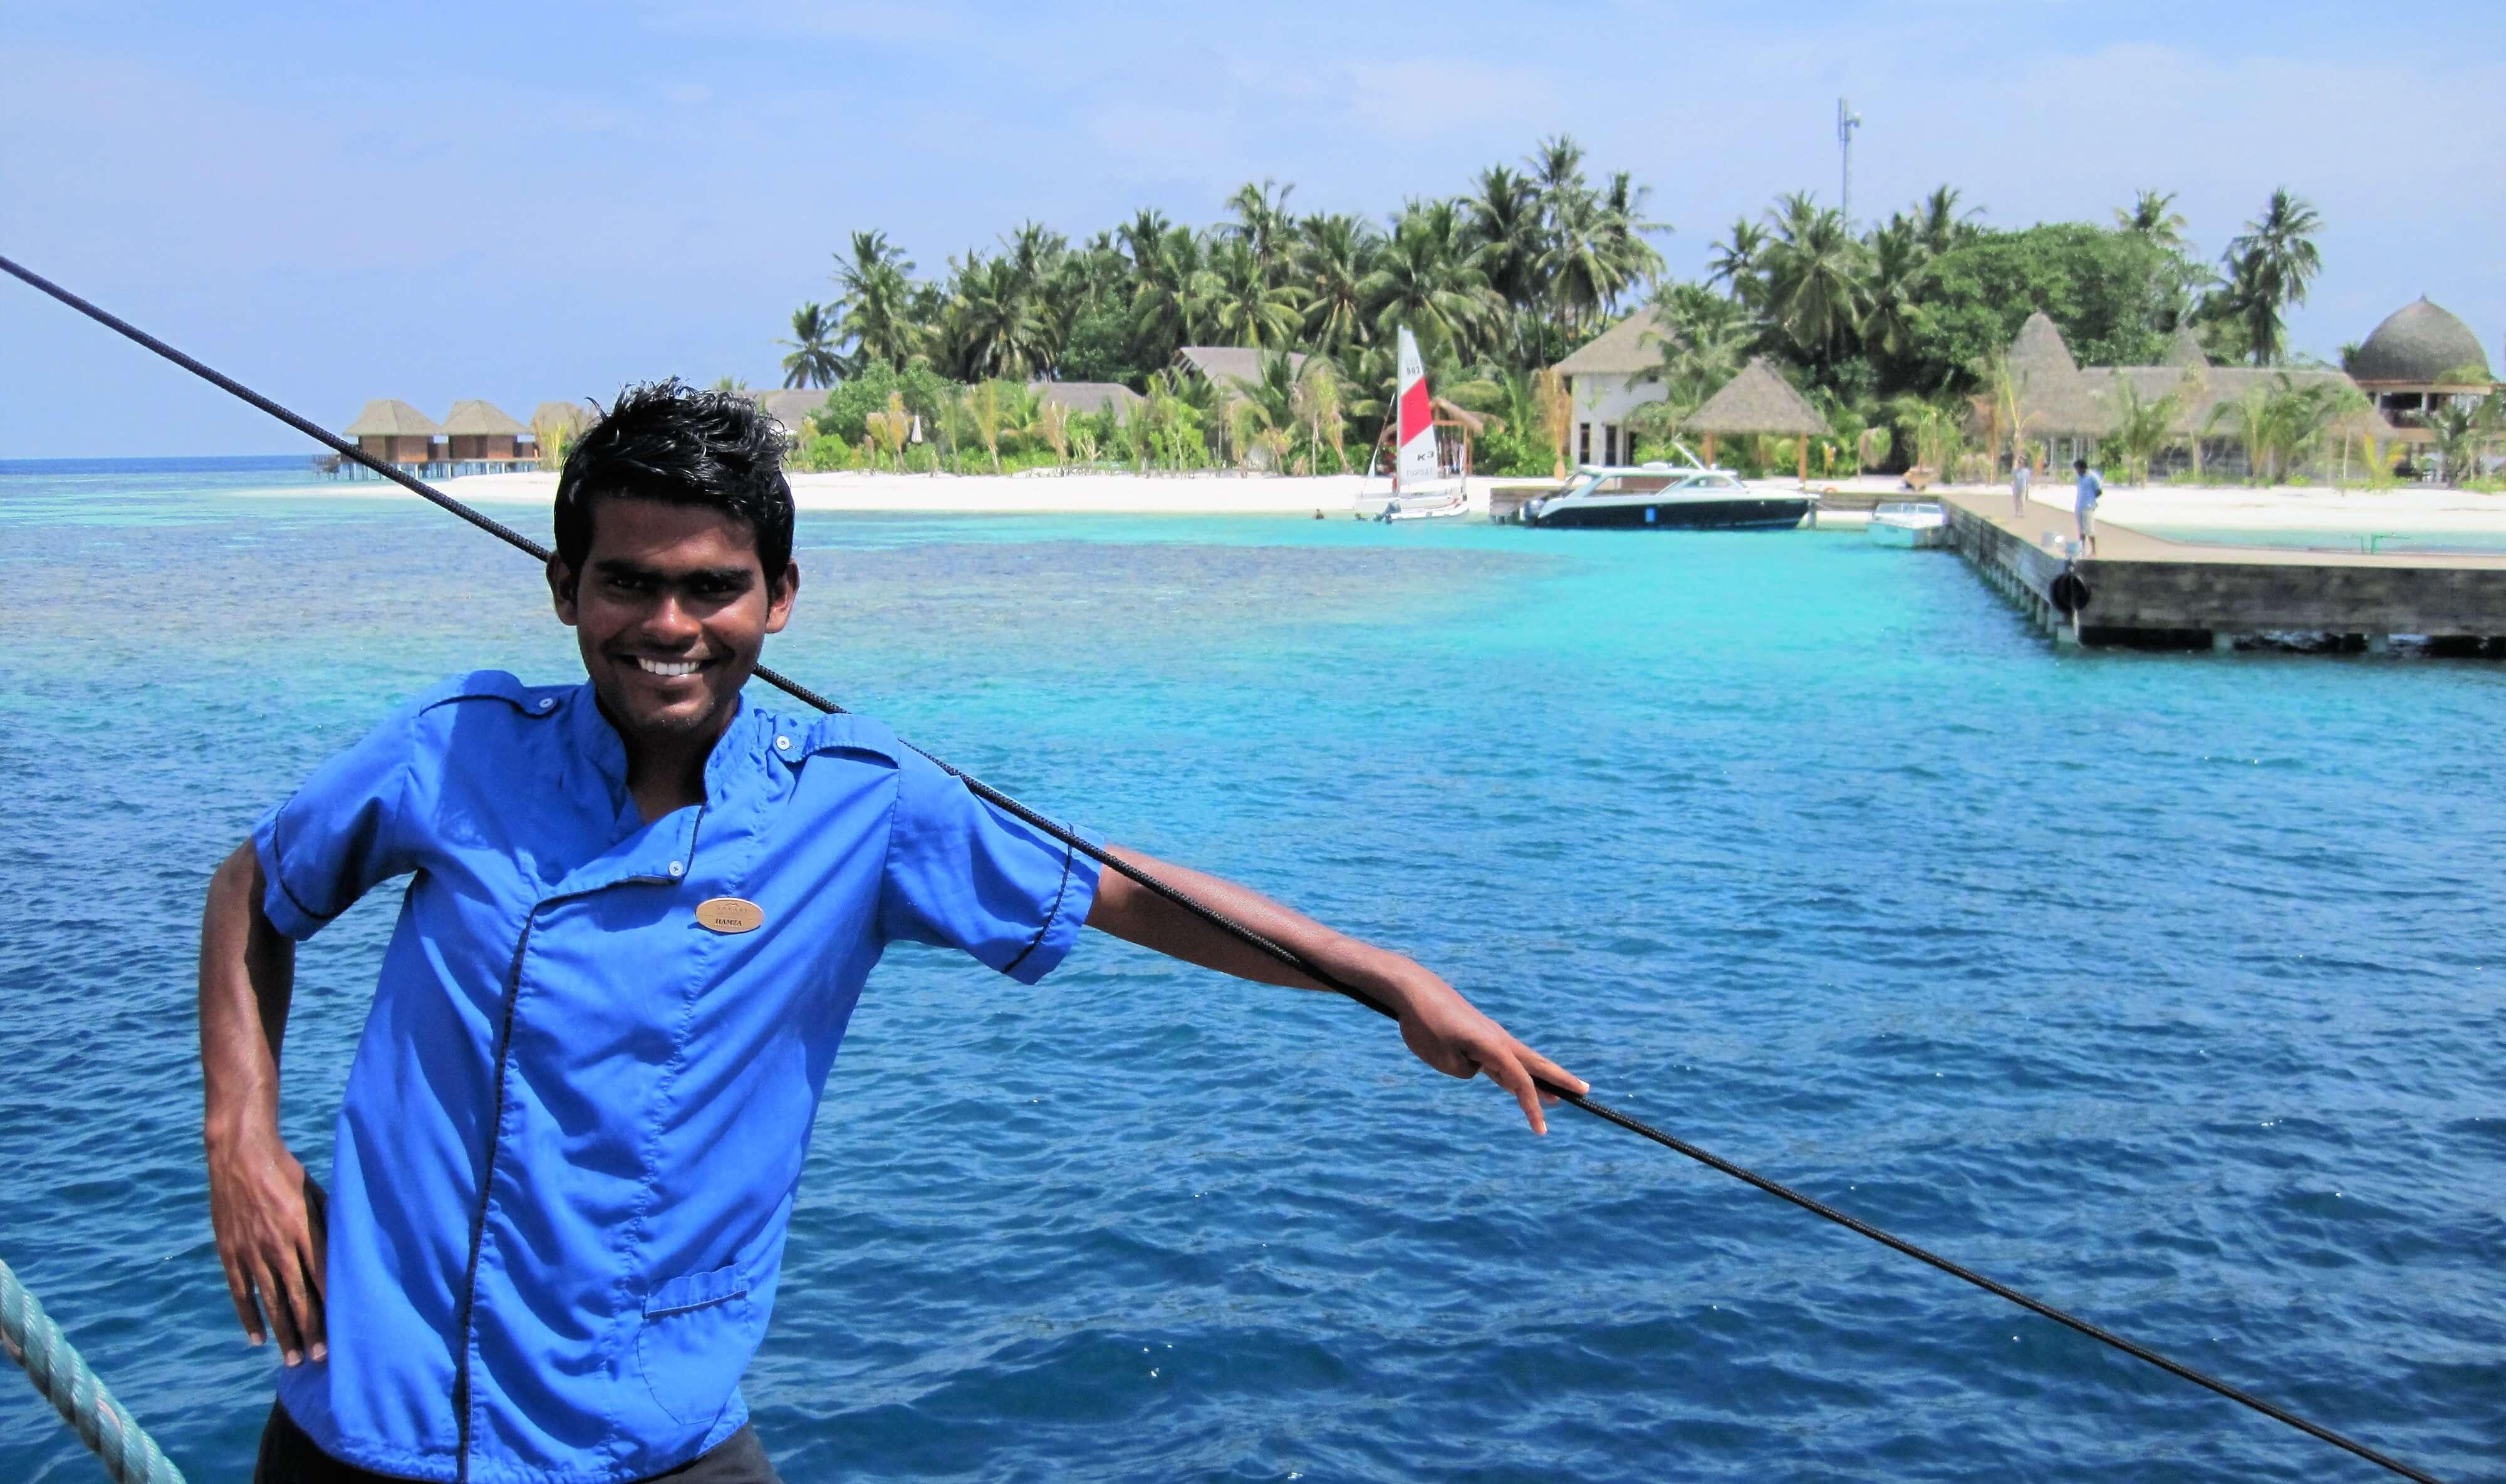 Membre de notre équipage lors de la croisière Maldives